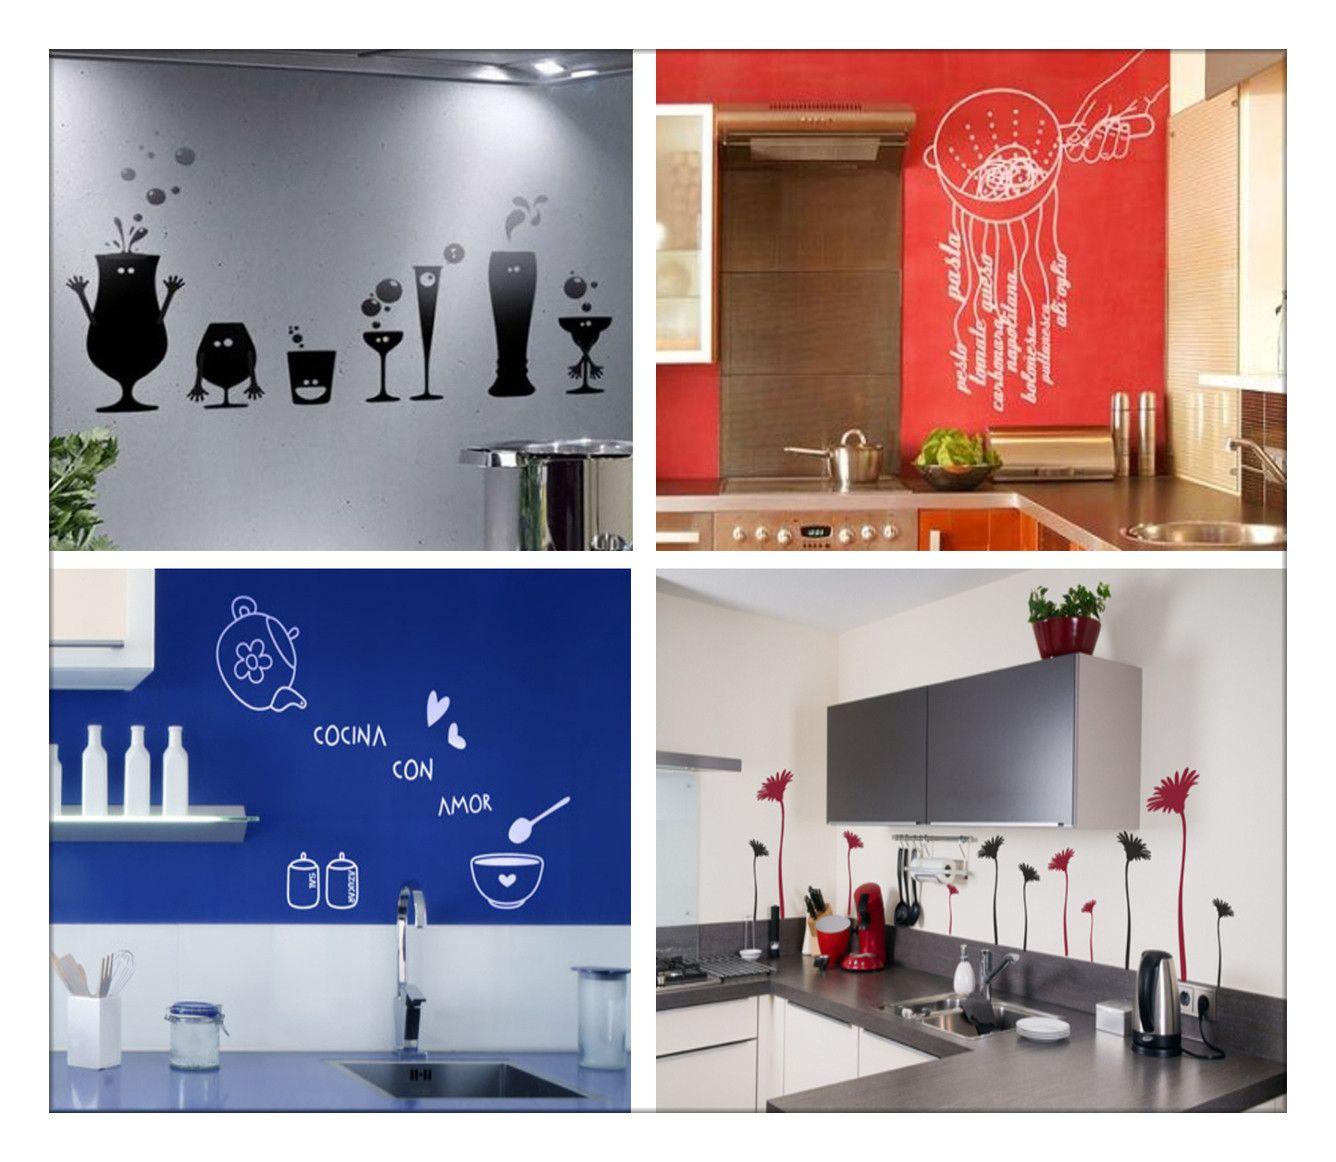 Vinilos para las paredes de tu cocina - Decoguia | cocina ...